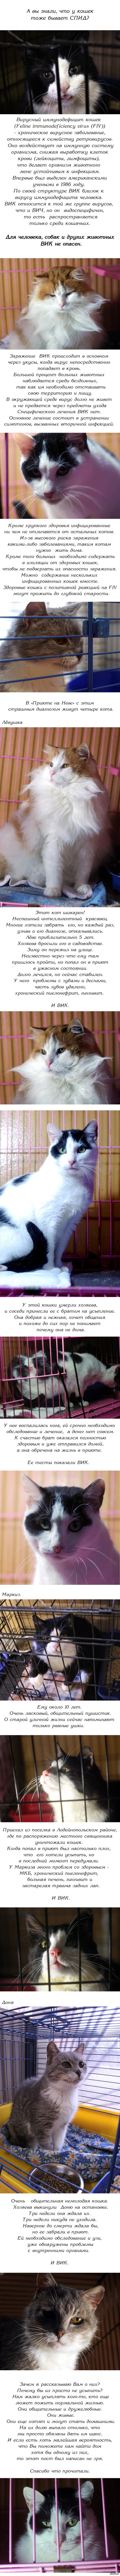 Кошки, больные СПИДом они тоже никому не нужны